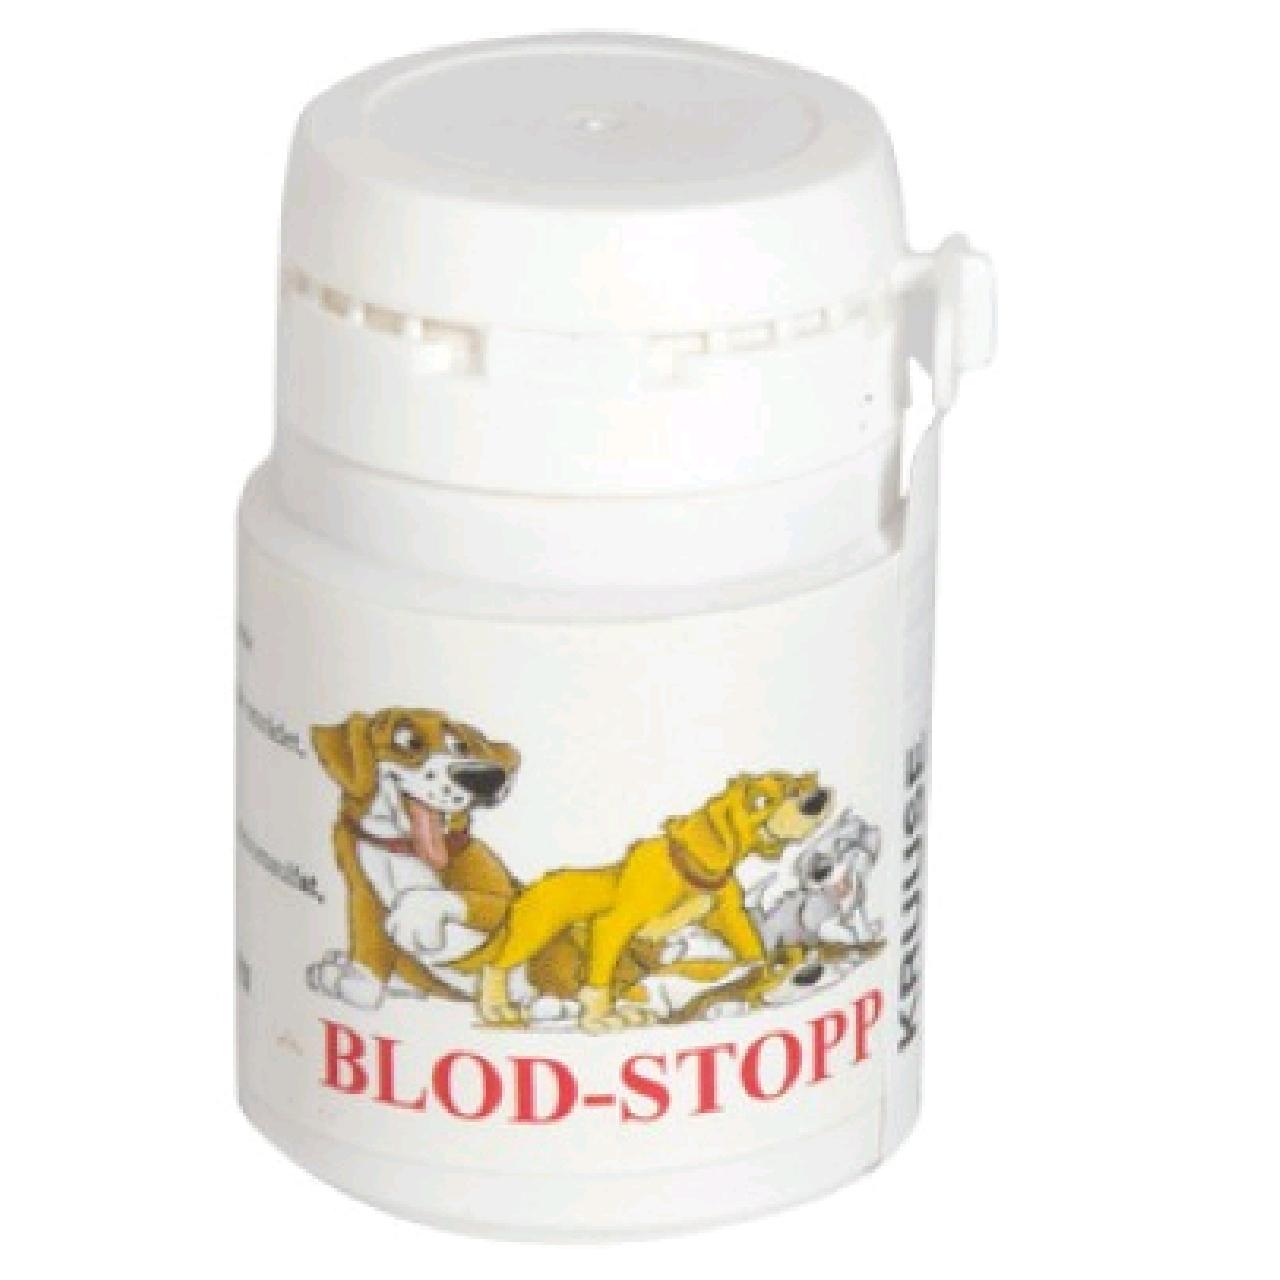 Blodstopp 20g